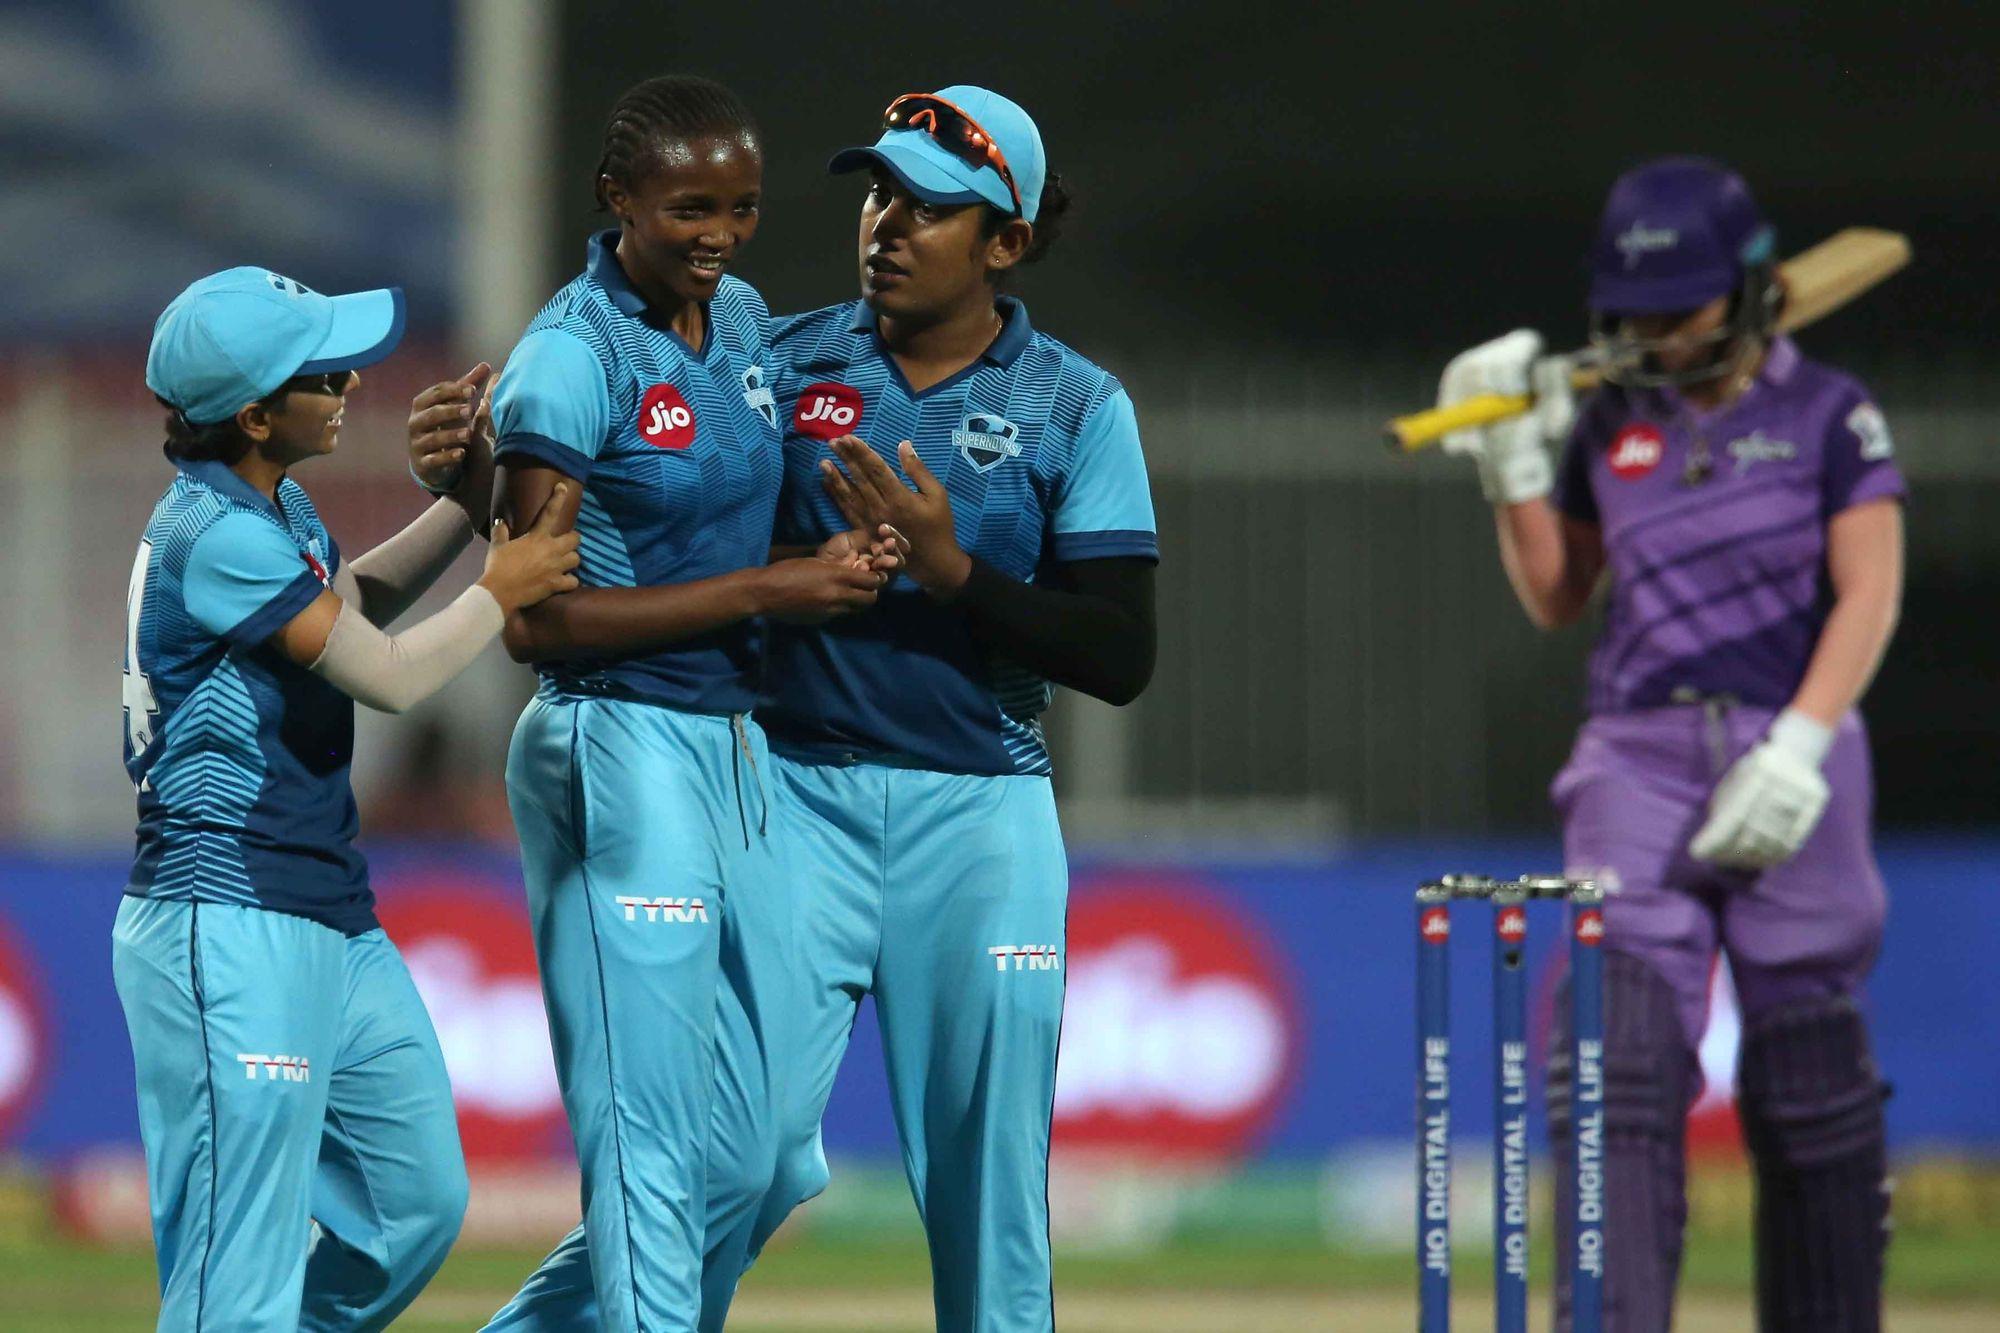 सुपरनोवाज की अयाबोंगा खाका ने 4 ओवर में 27 रन देकर 2 विकेट लिए। उन्होंने वेलोसिटी के दोनों ओपनर्स को आउट किया।